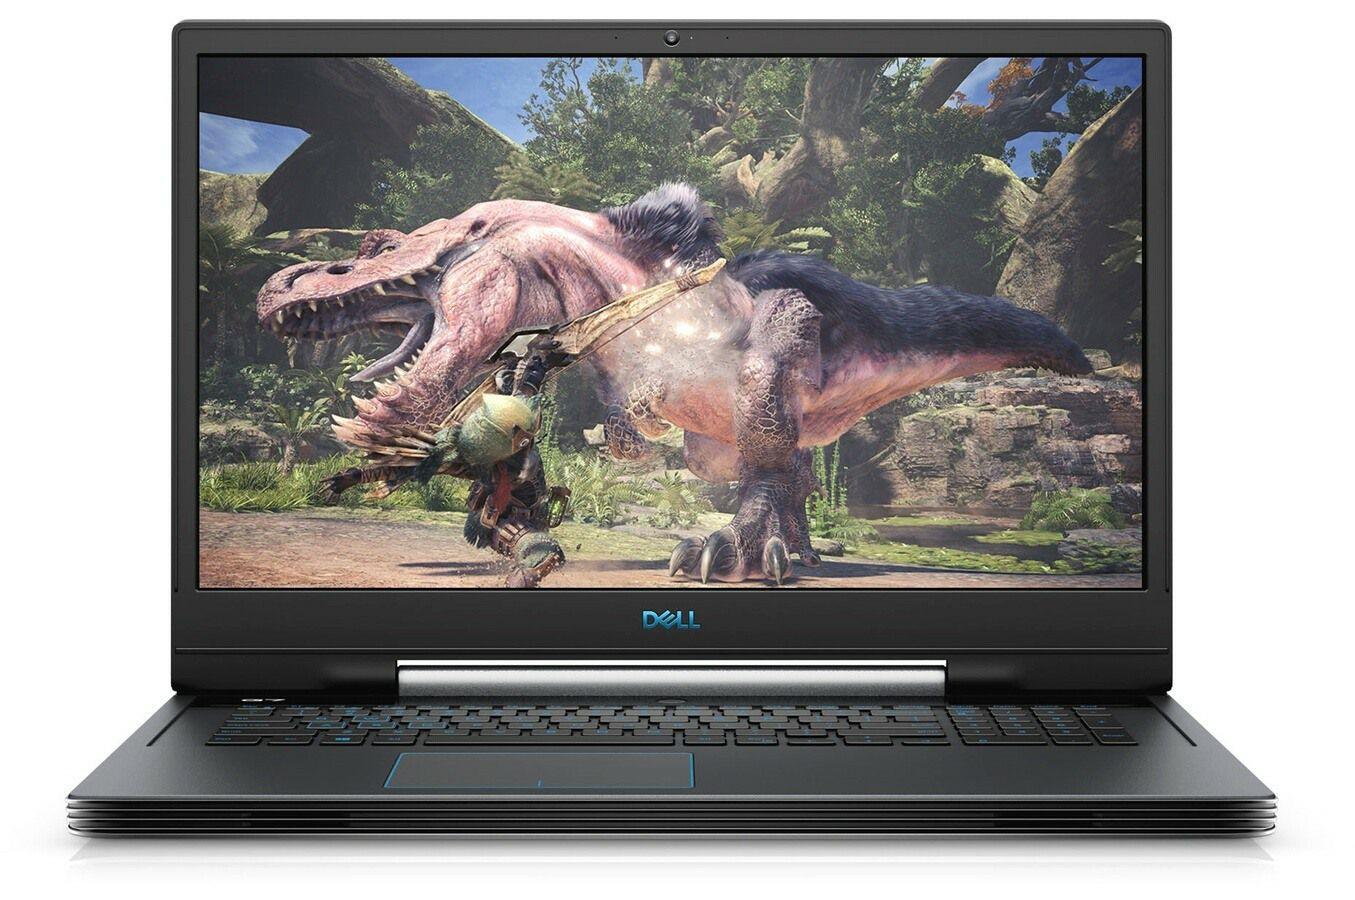 PC portable 17 g7 7790 - Core™ i7-8750H, RAM 8 Go, 1 To HDD, 256 Go SSD, Carte Graphique Nvidia RTX 2060 6 Go